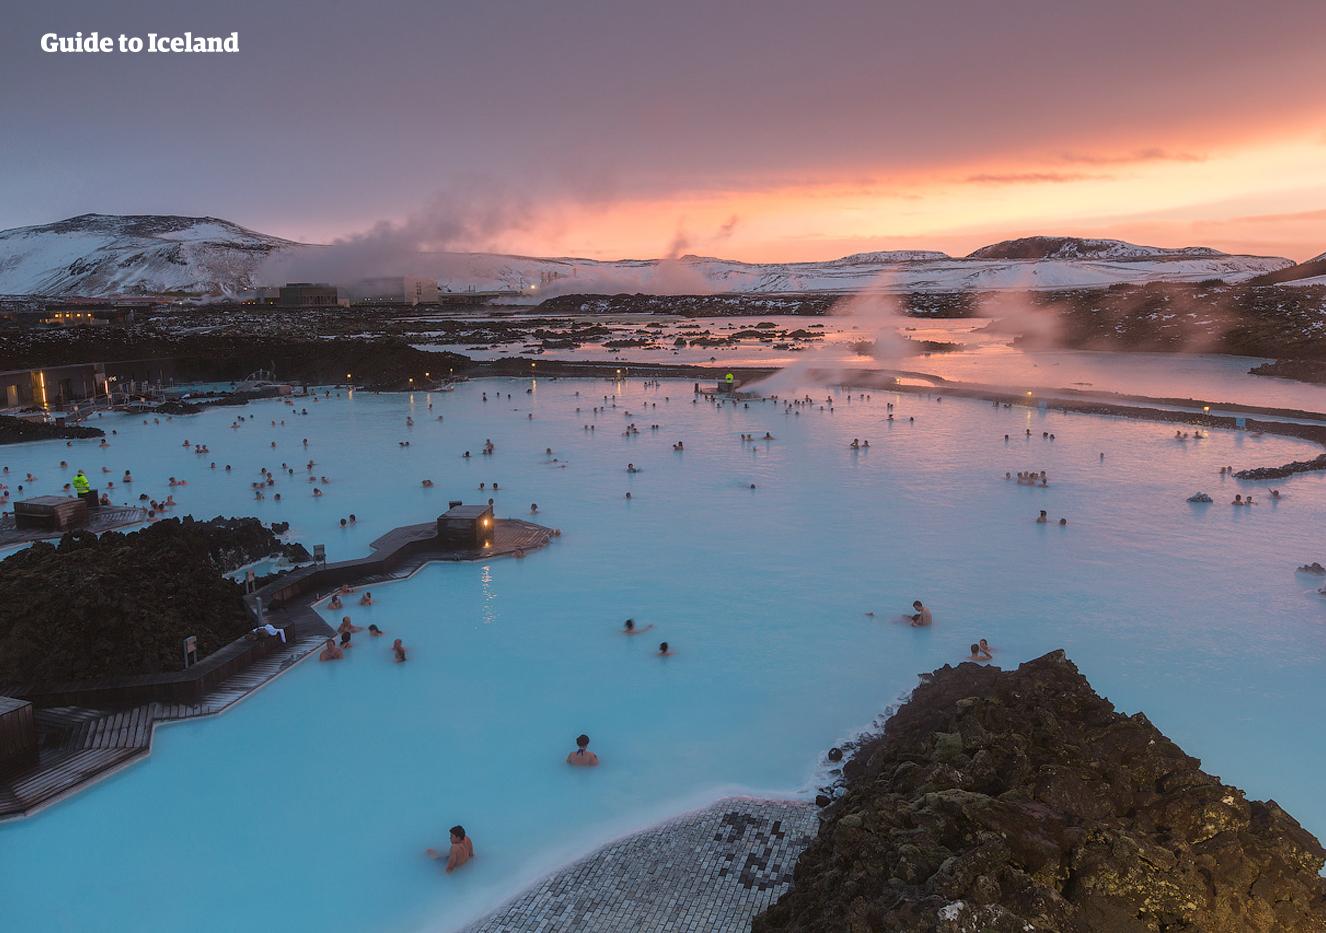 Die Blaue Lagune ist einer der berühmtesten Orte in ganz Island.